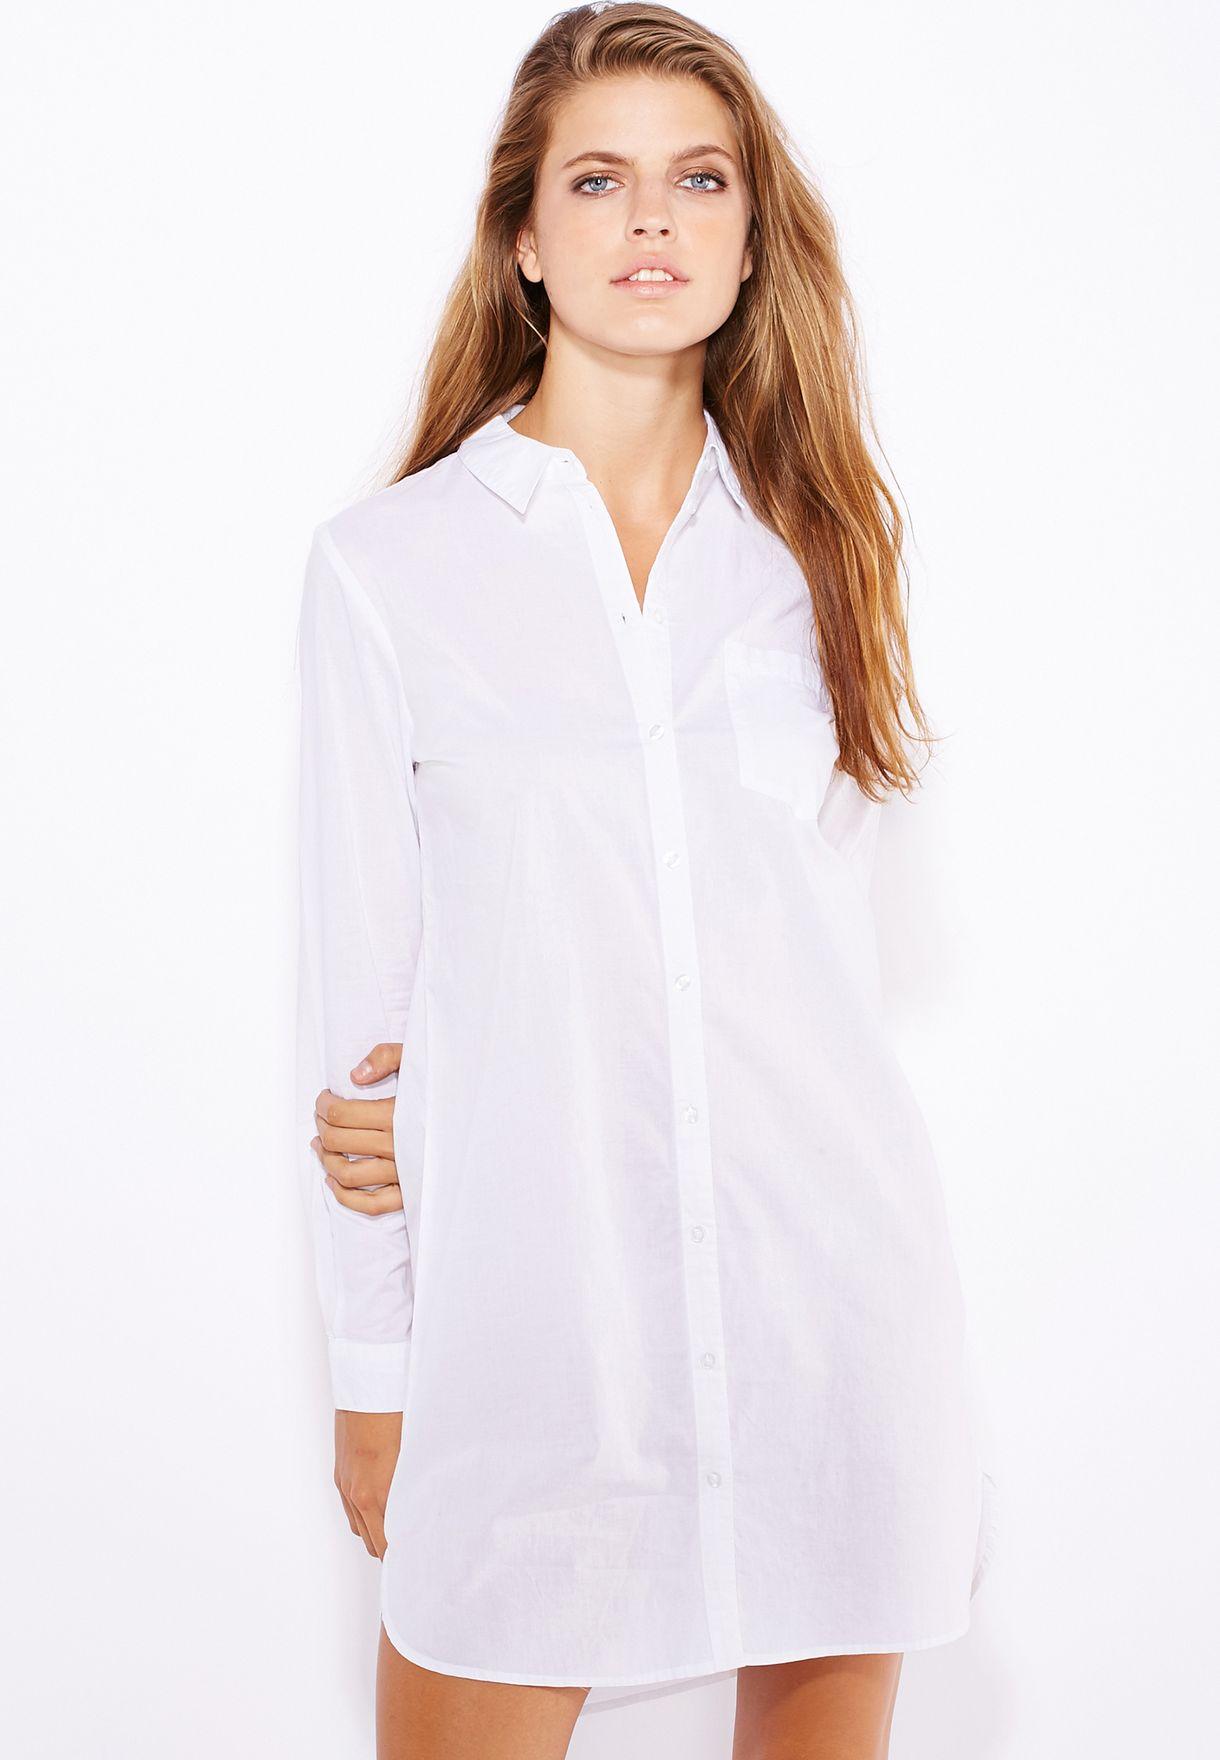 e5f7bf916 تسوق فستان بنمط قميص ماركة جاكلين دي يونج لون أبيض في عمان ...